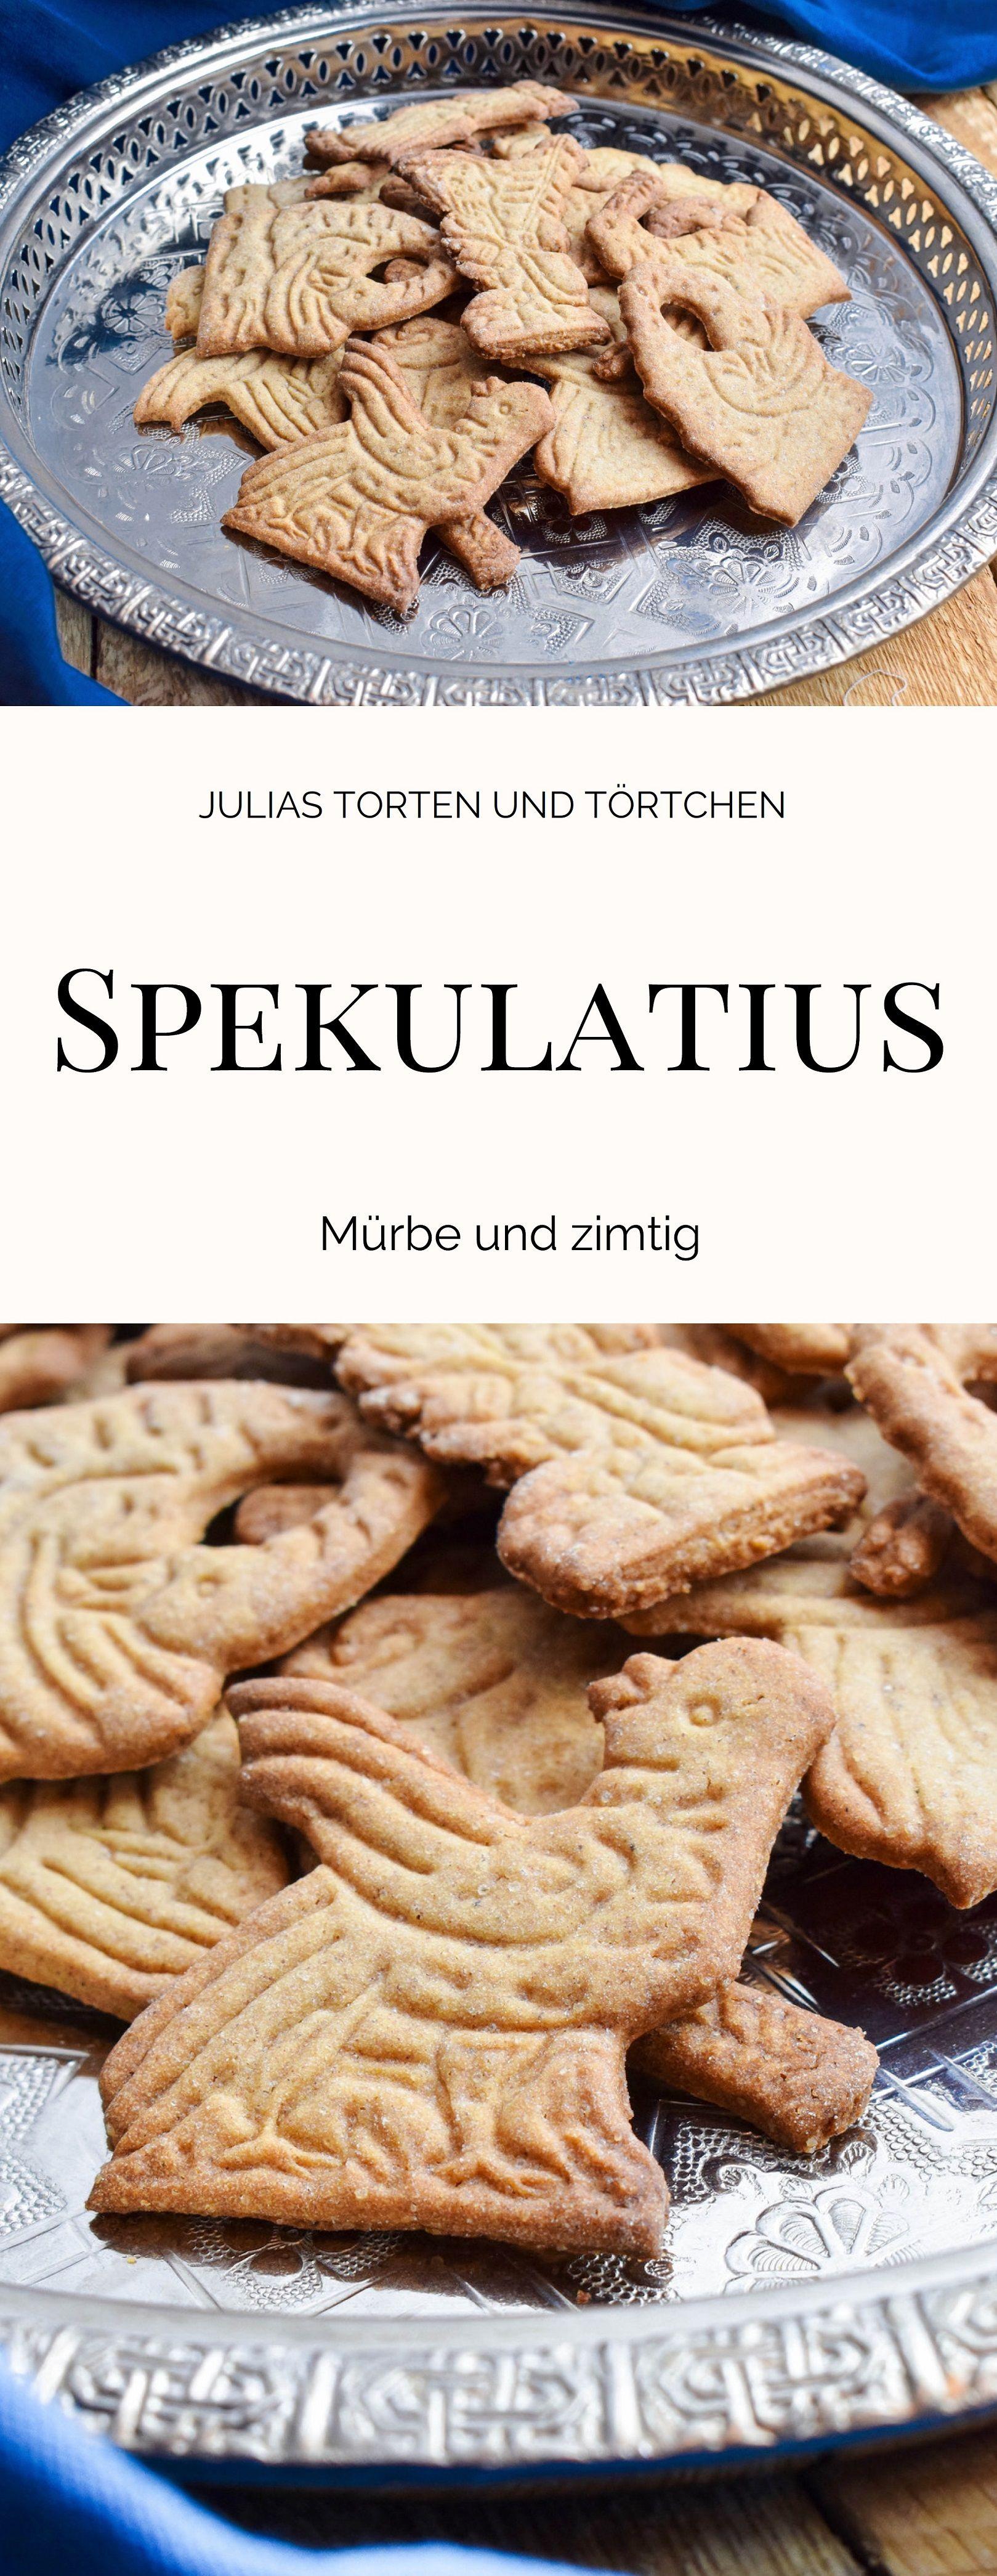 Weihnachtsplätzchen Klassische Rezepte.Rezept Für Klassische Weihnachtsplätzchen Spekulatius Selber Machen